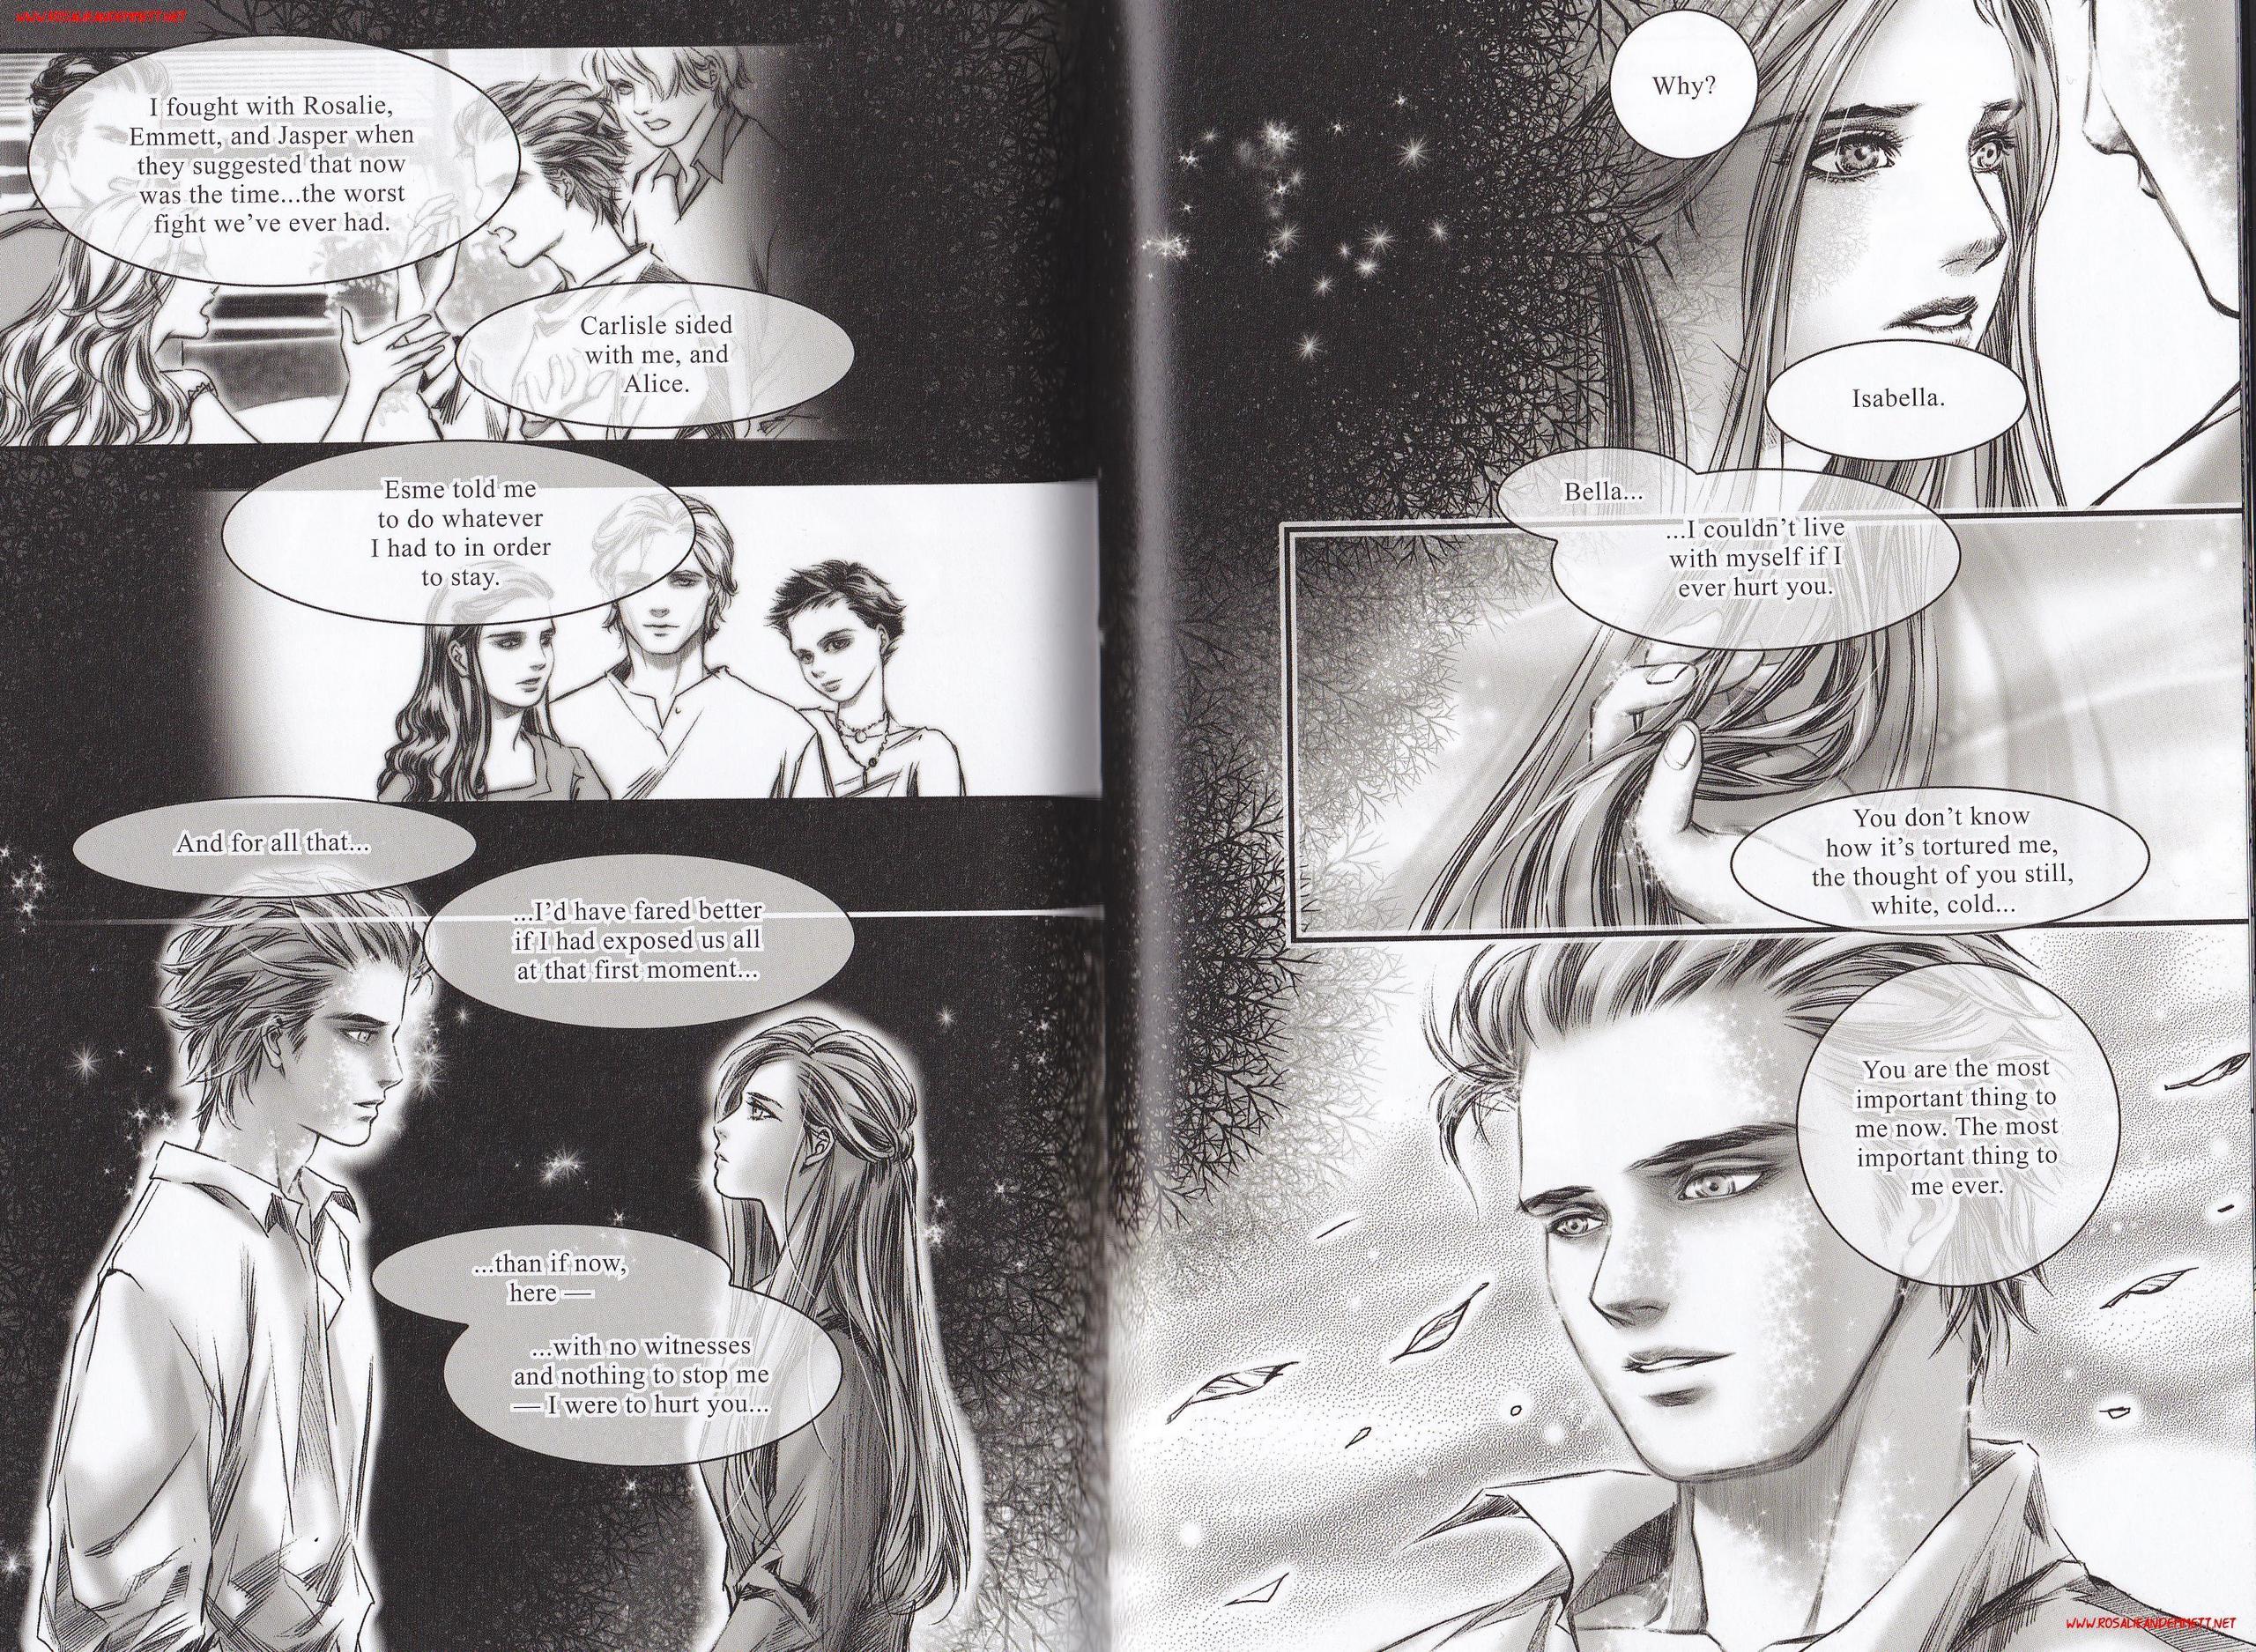 Emmett and Rosalie in 'Twilight Graphic Novel: Volume 1' - Emmett